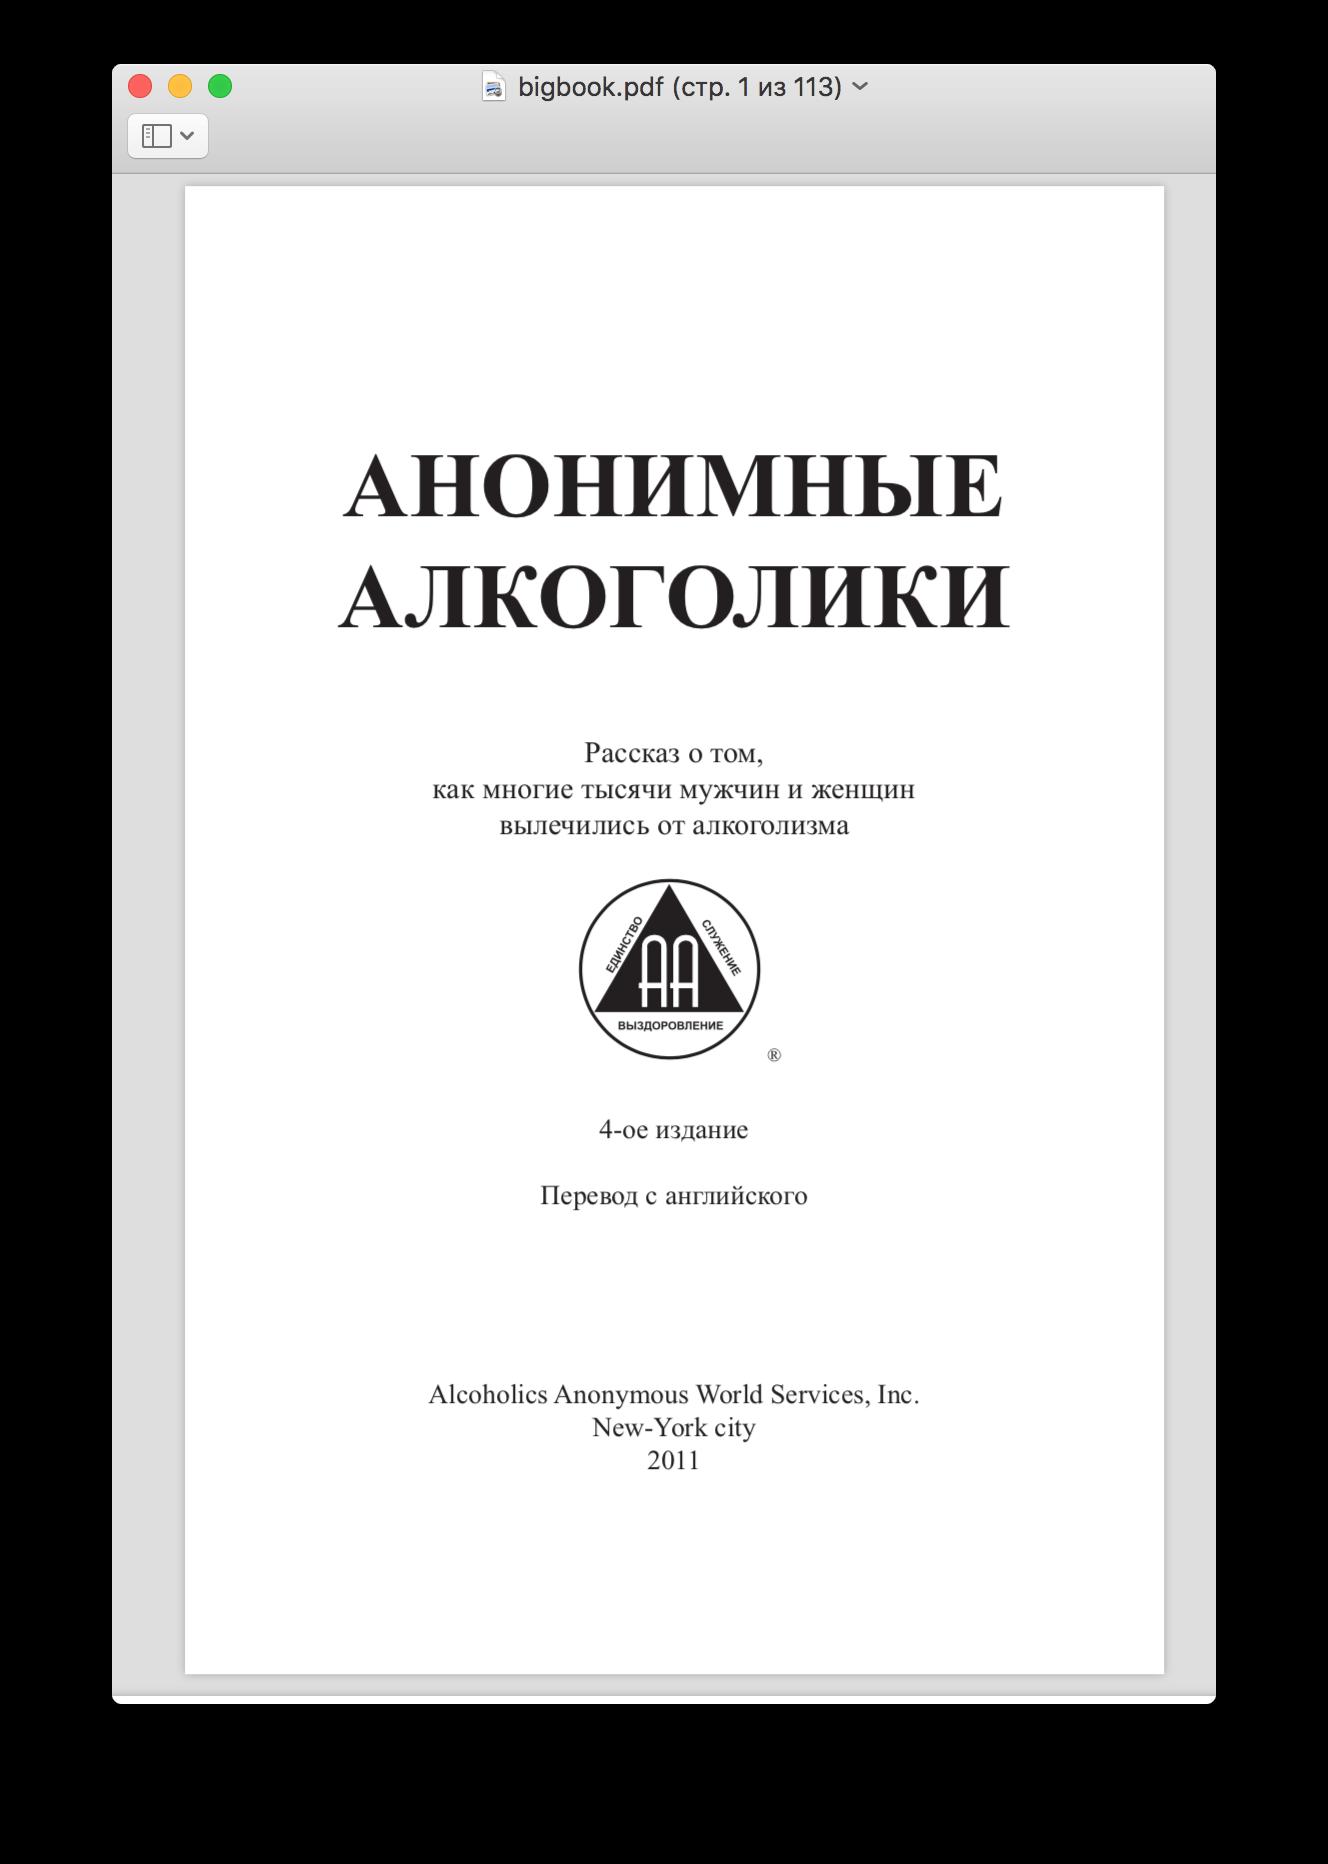 Текст Книги Анонимные Алкоголики.png